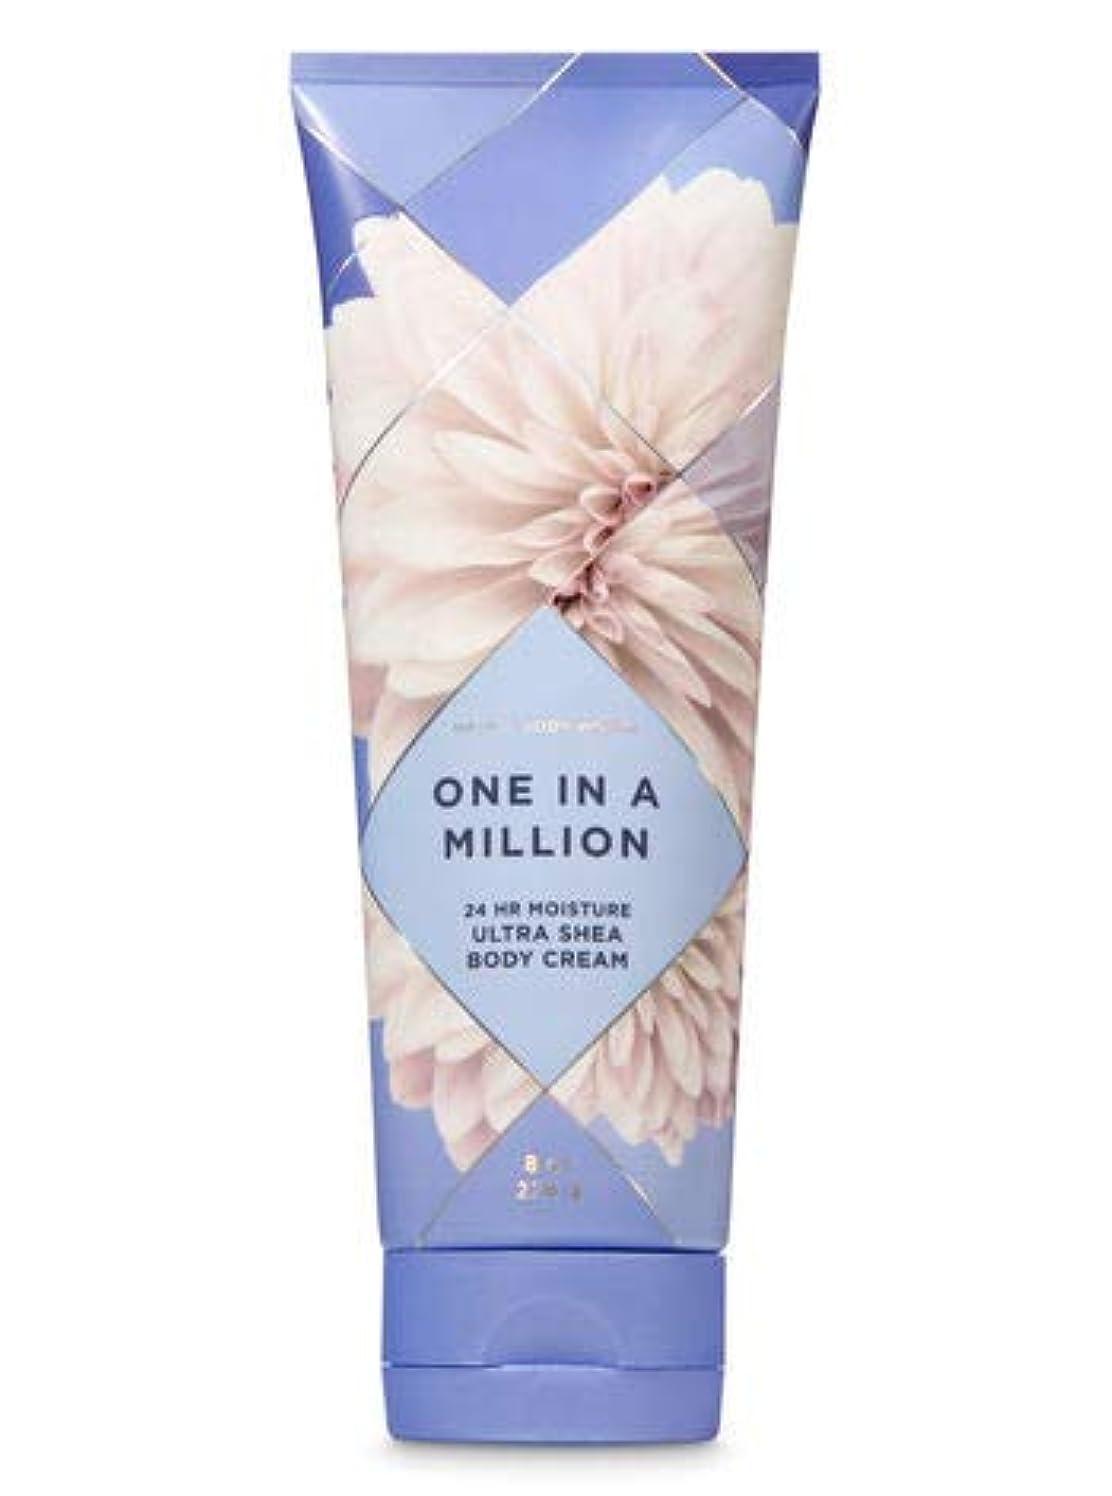 レコーダー仮装サイレント【Bath&Body Works/バス&ボディワークス】 ボディクリーム ワンインアミリオン Ultra Shea Body Cream One in a Million 8 oz / 226 g [並行輸入品]